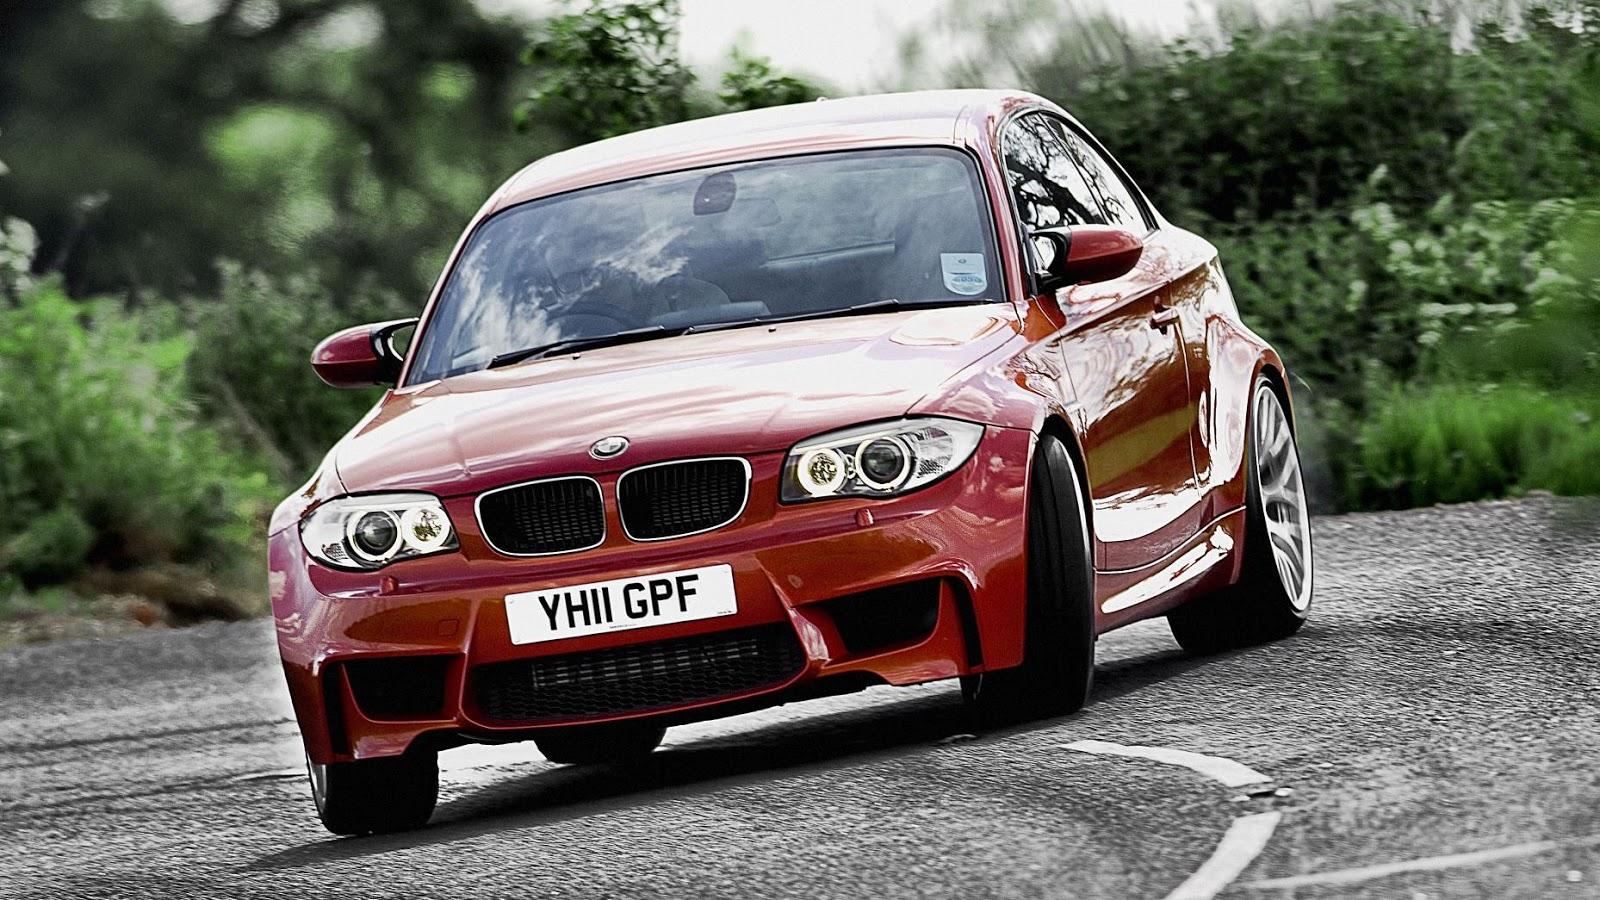 Mạnh mẽ, bền bỉ, sang trọng...là những gì nói về các dòng xe của BMW